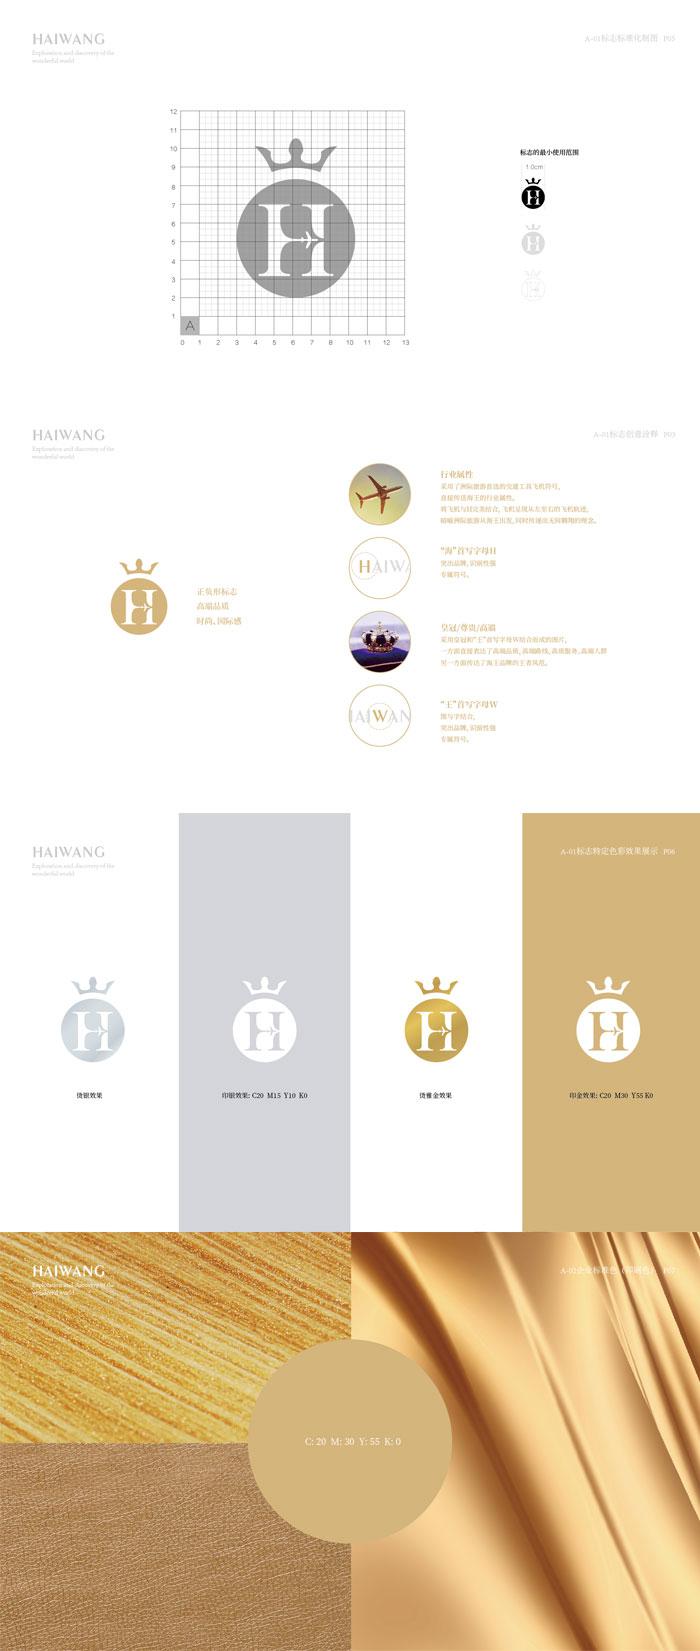 品牌全案策划,海王国际品牌升级